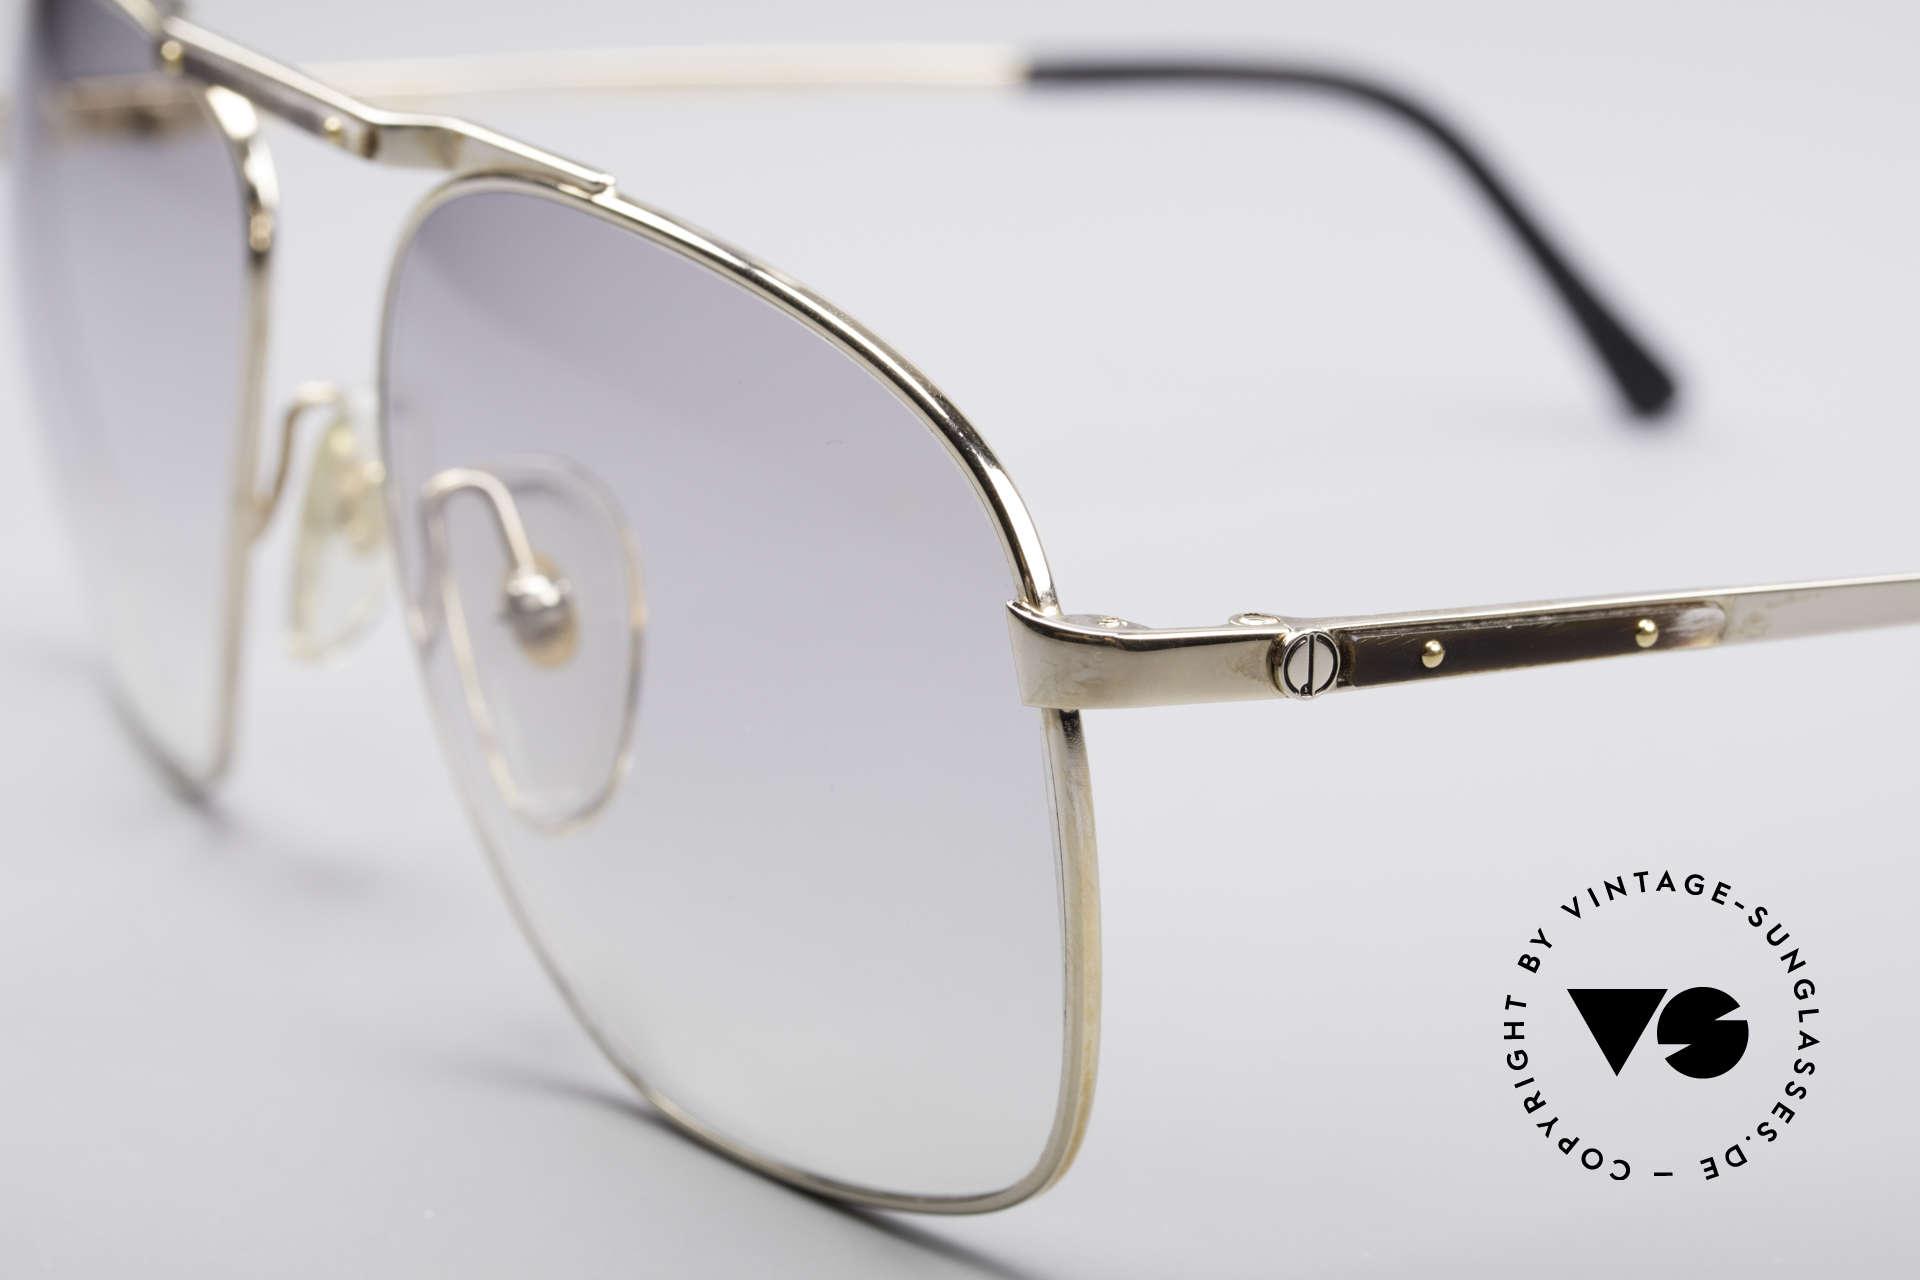 Dunhill 6046 80er Luxus Sonnenbrille, ein absoluter Klassiker für den vornehmen Gentleman, Passend für Herren